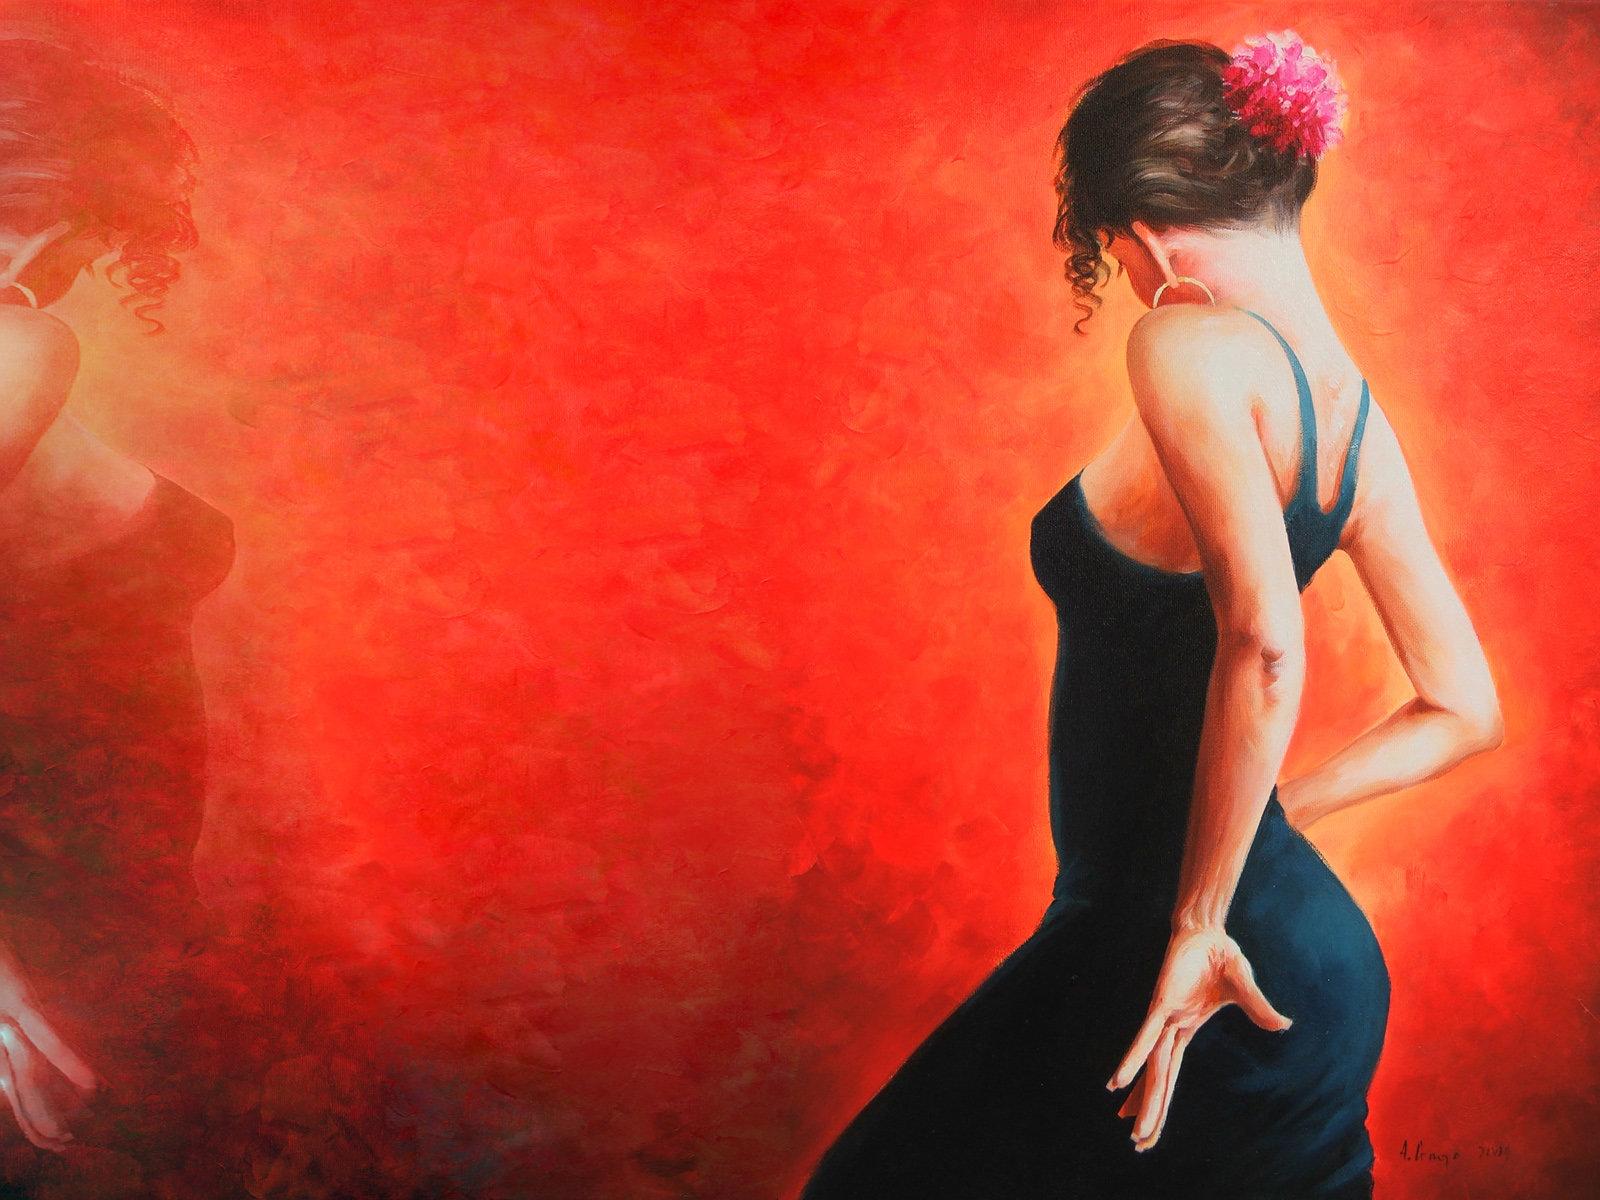 flamenco wallpaper wallpapersafari - photo #15